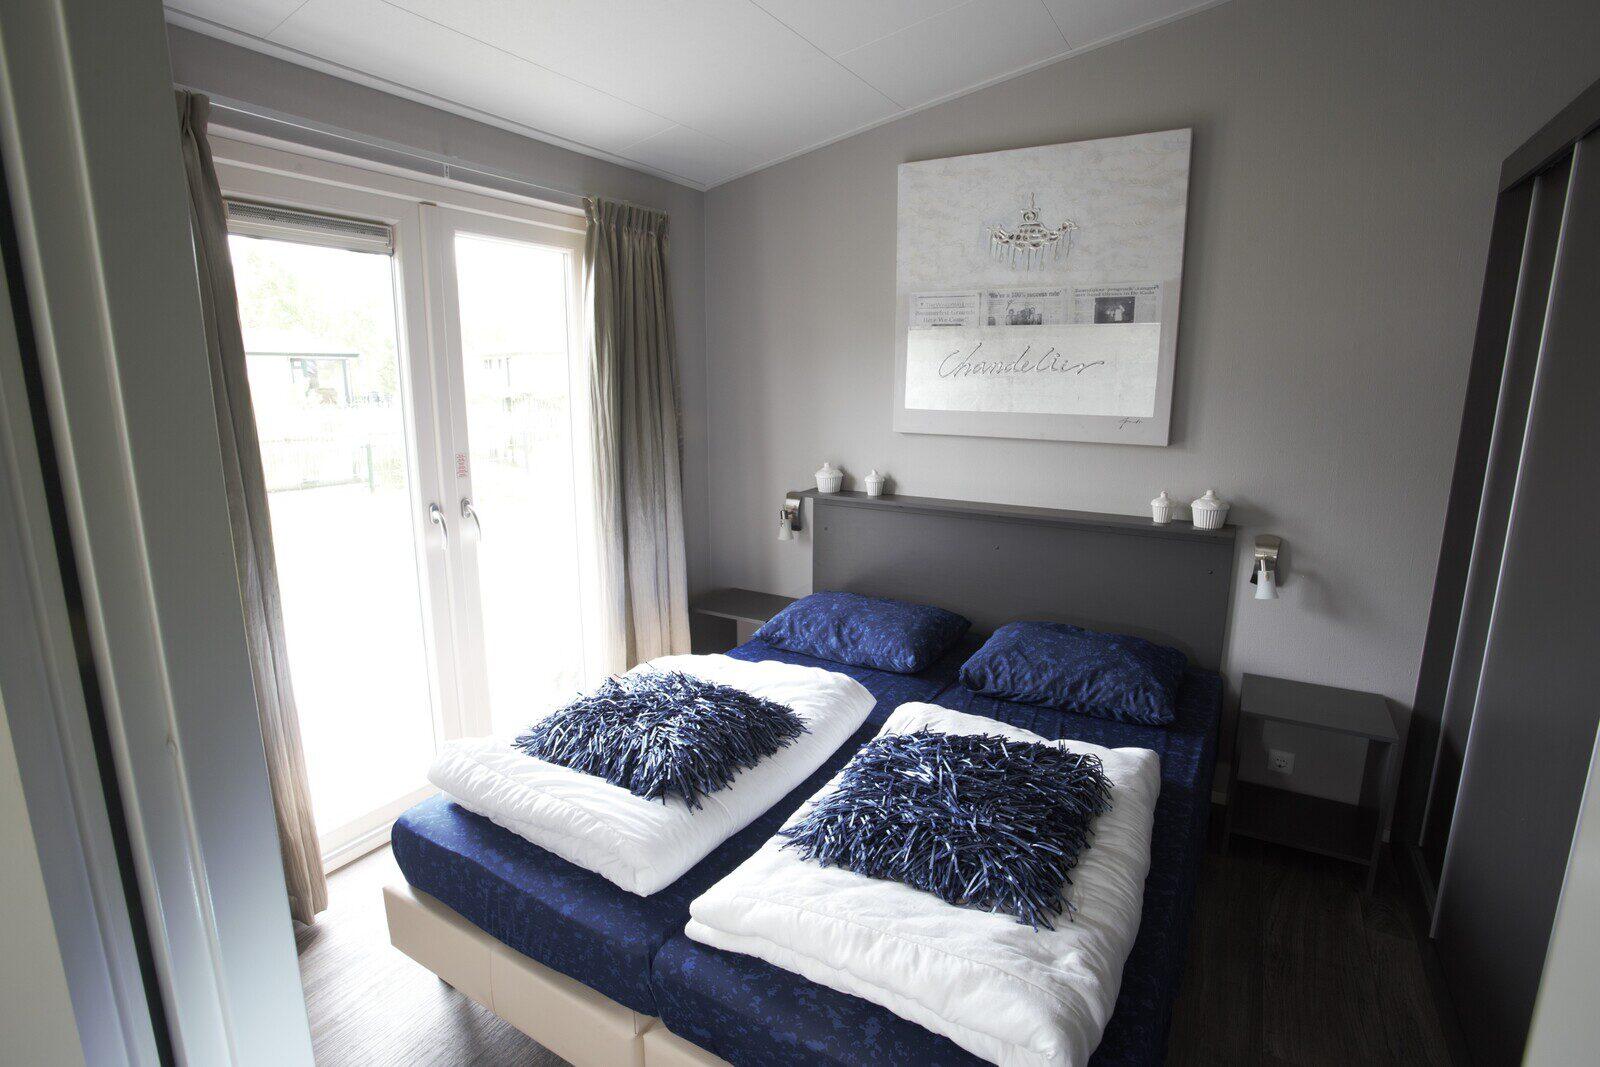 DeLuxe (zonder TV): 6-persoons, 3 slaapkamers